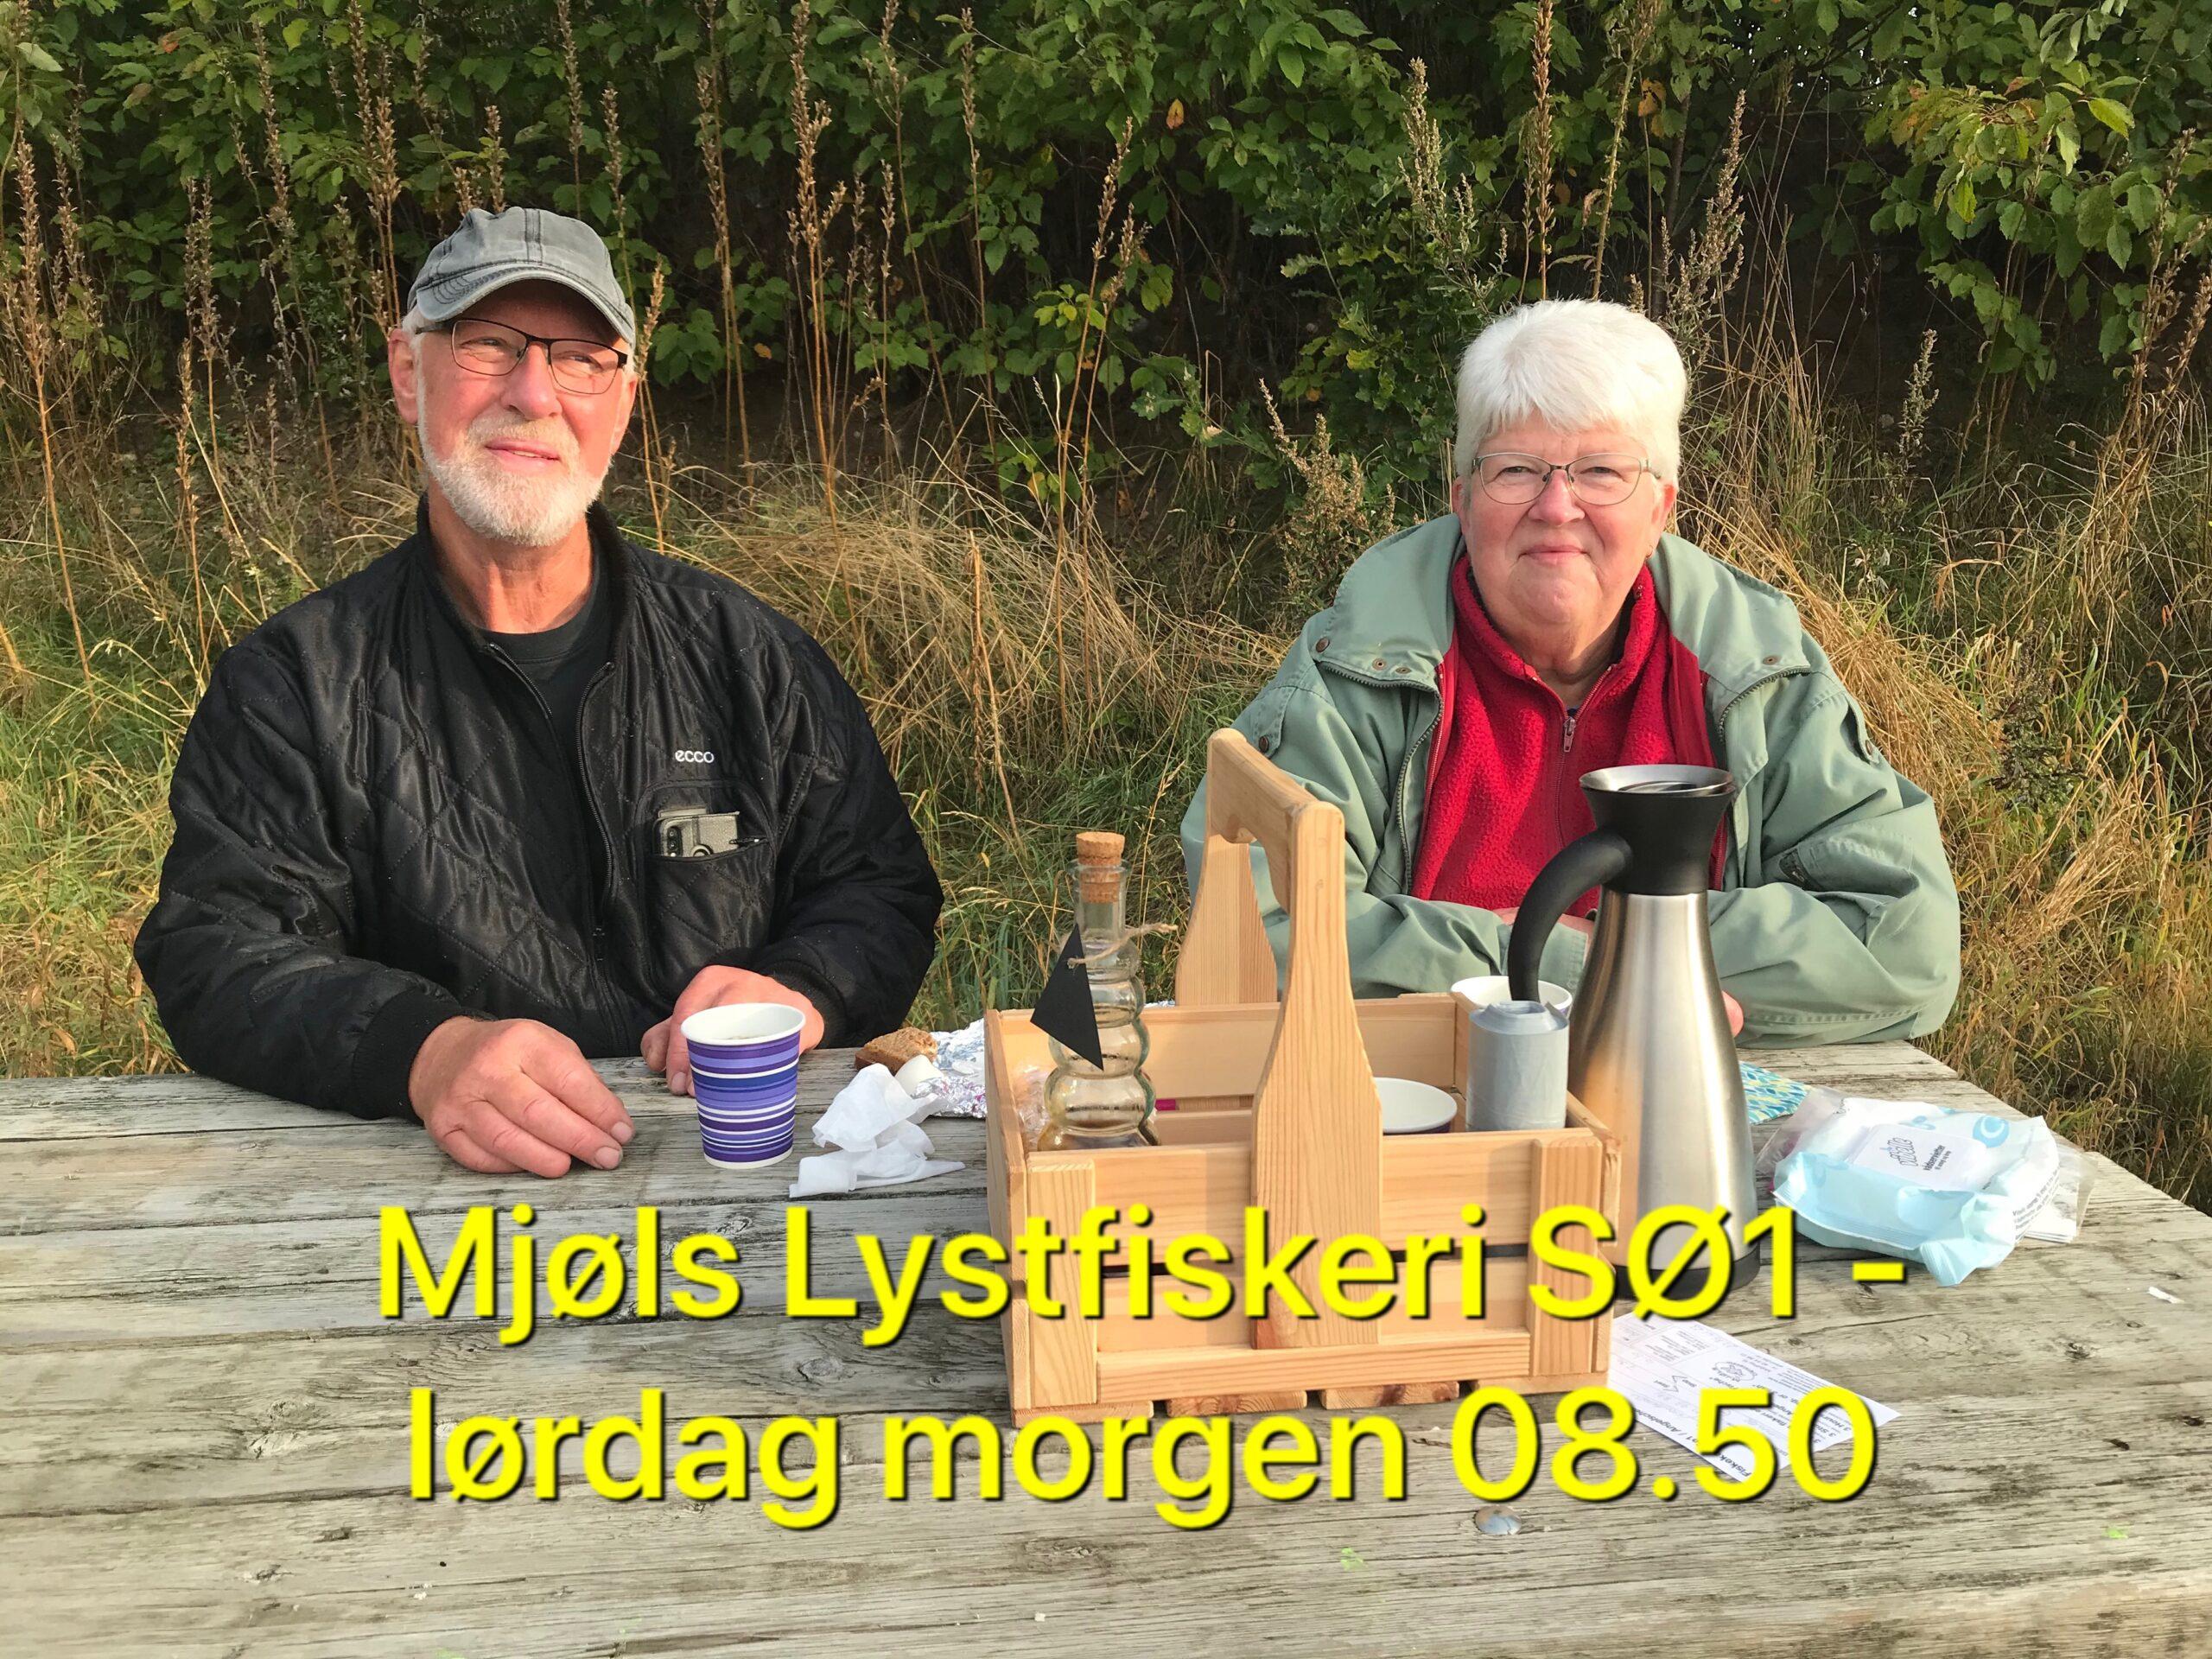 Mjøls Lystfiskeri – SØ1 – de hugger også lørdag morgen